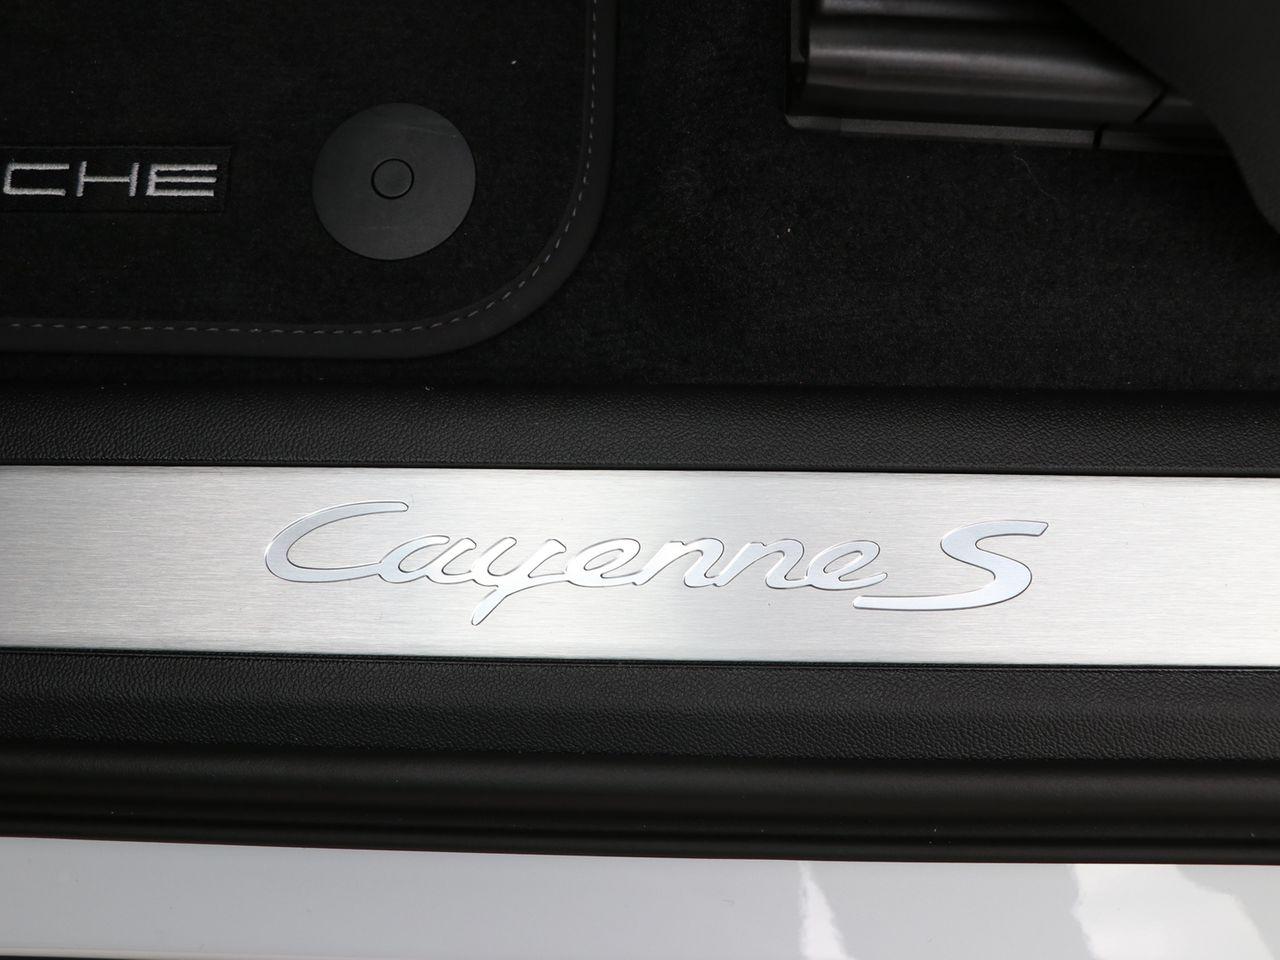 Cayenne V6 S TIPTRONIC (33) image 27